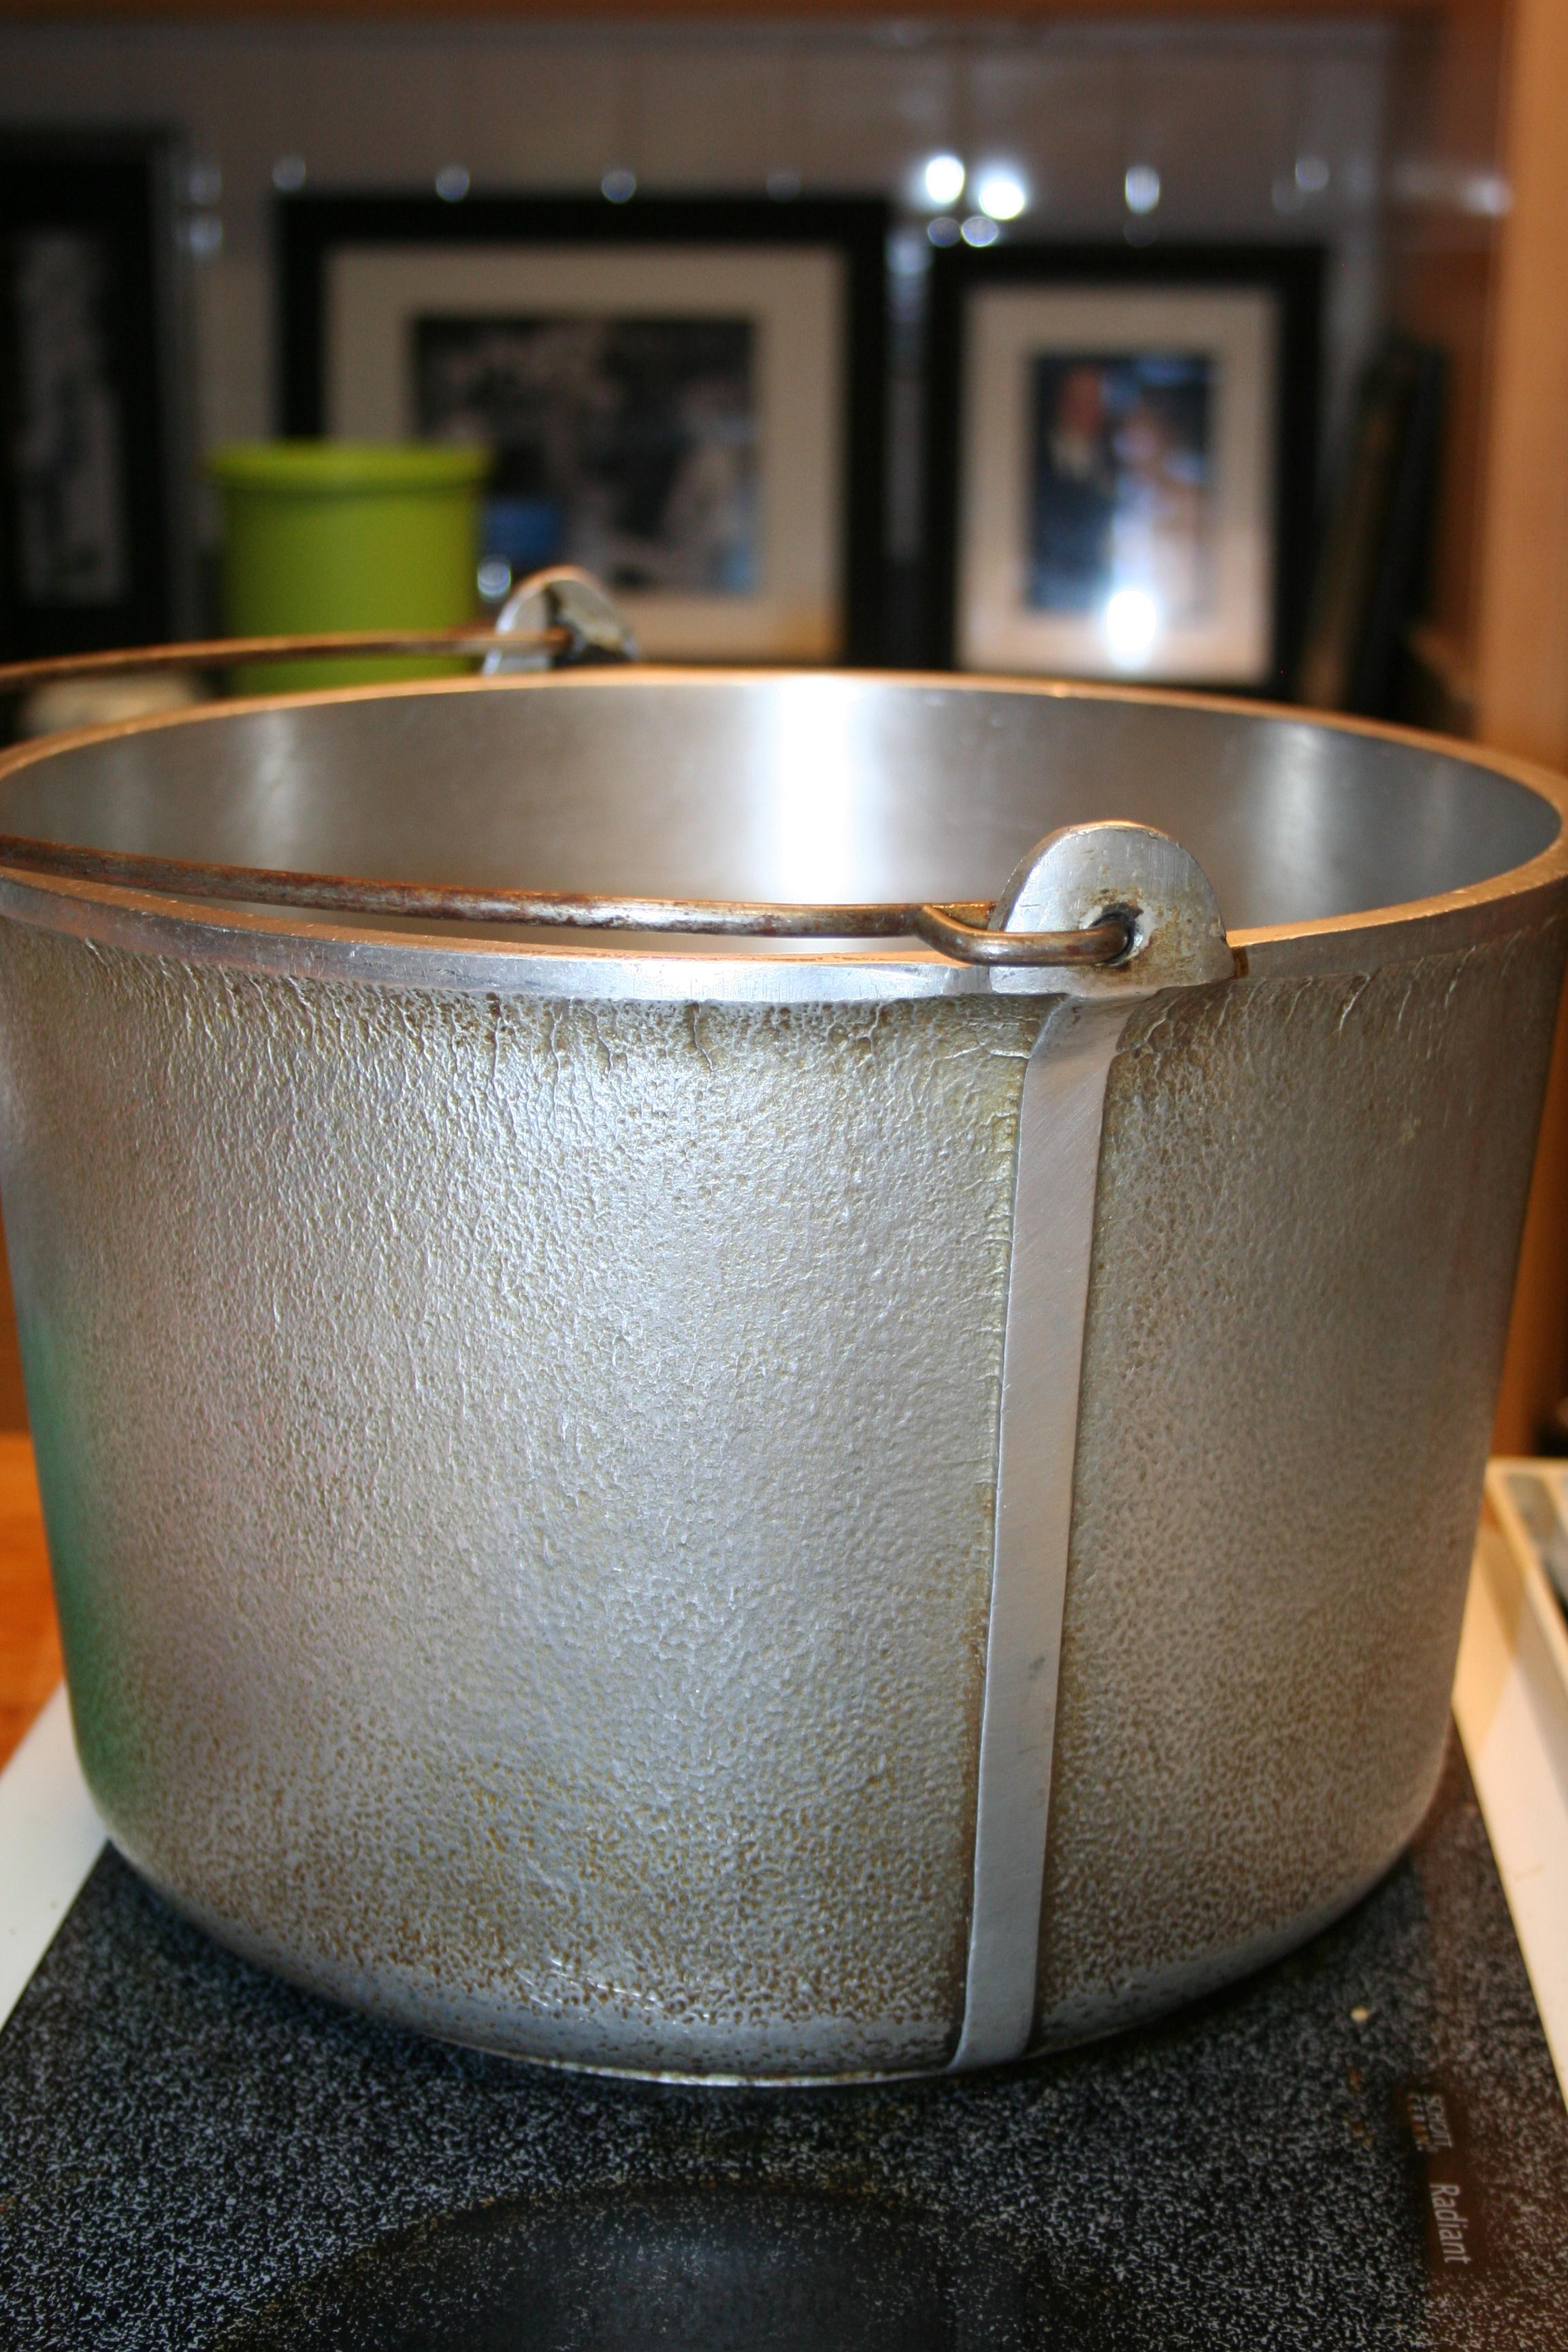 The Pot.